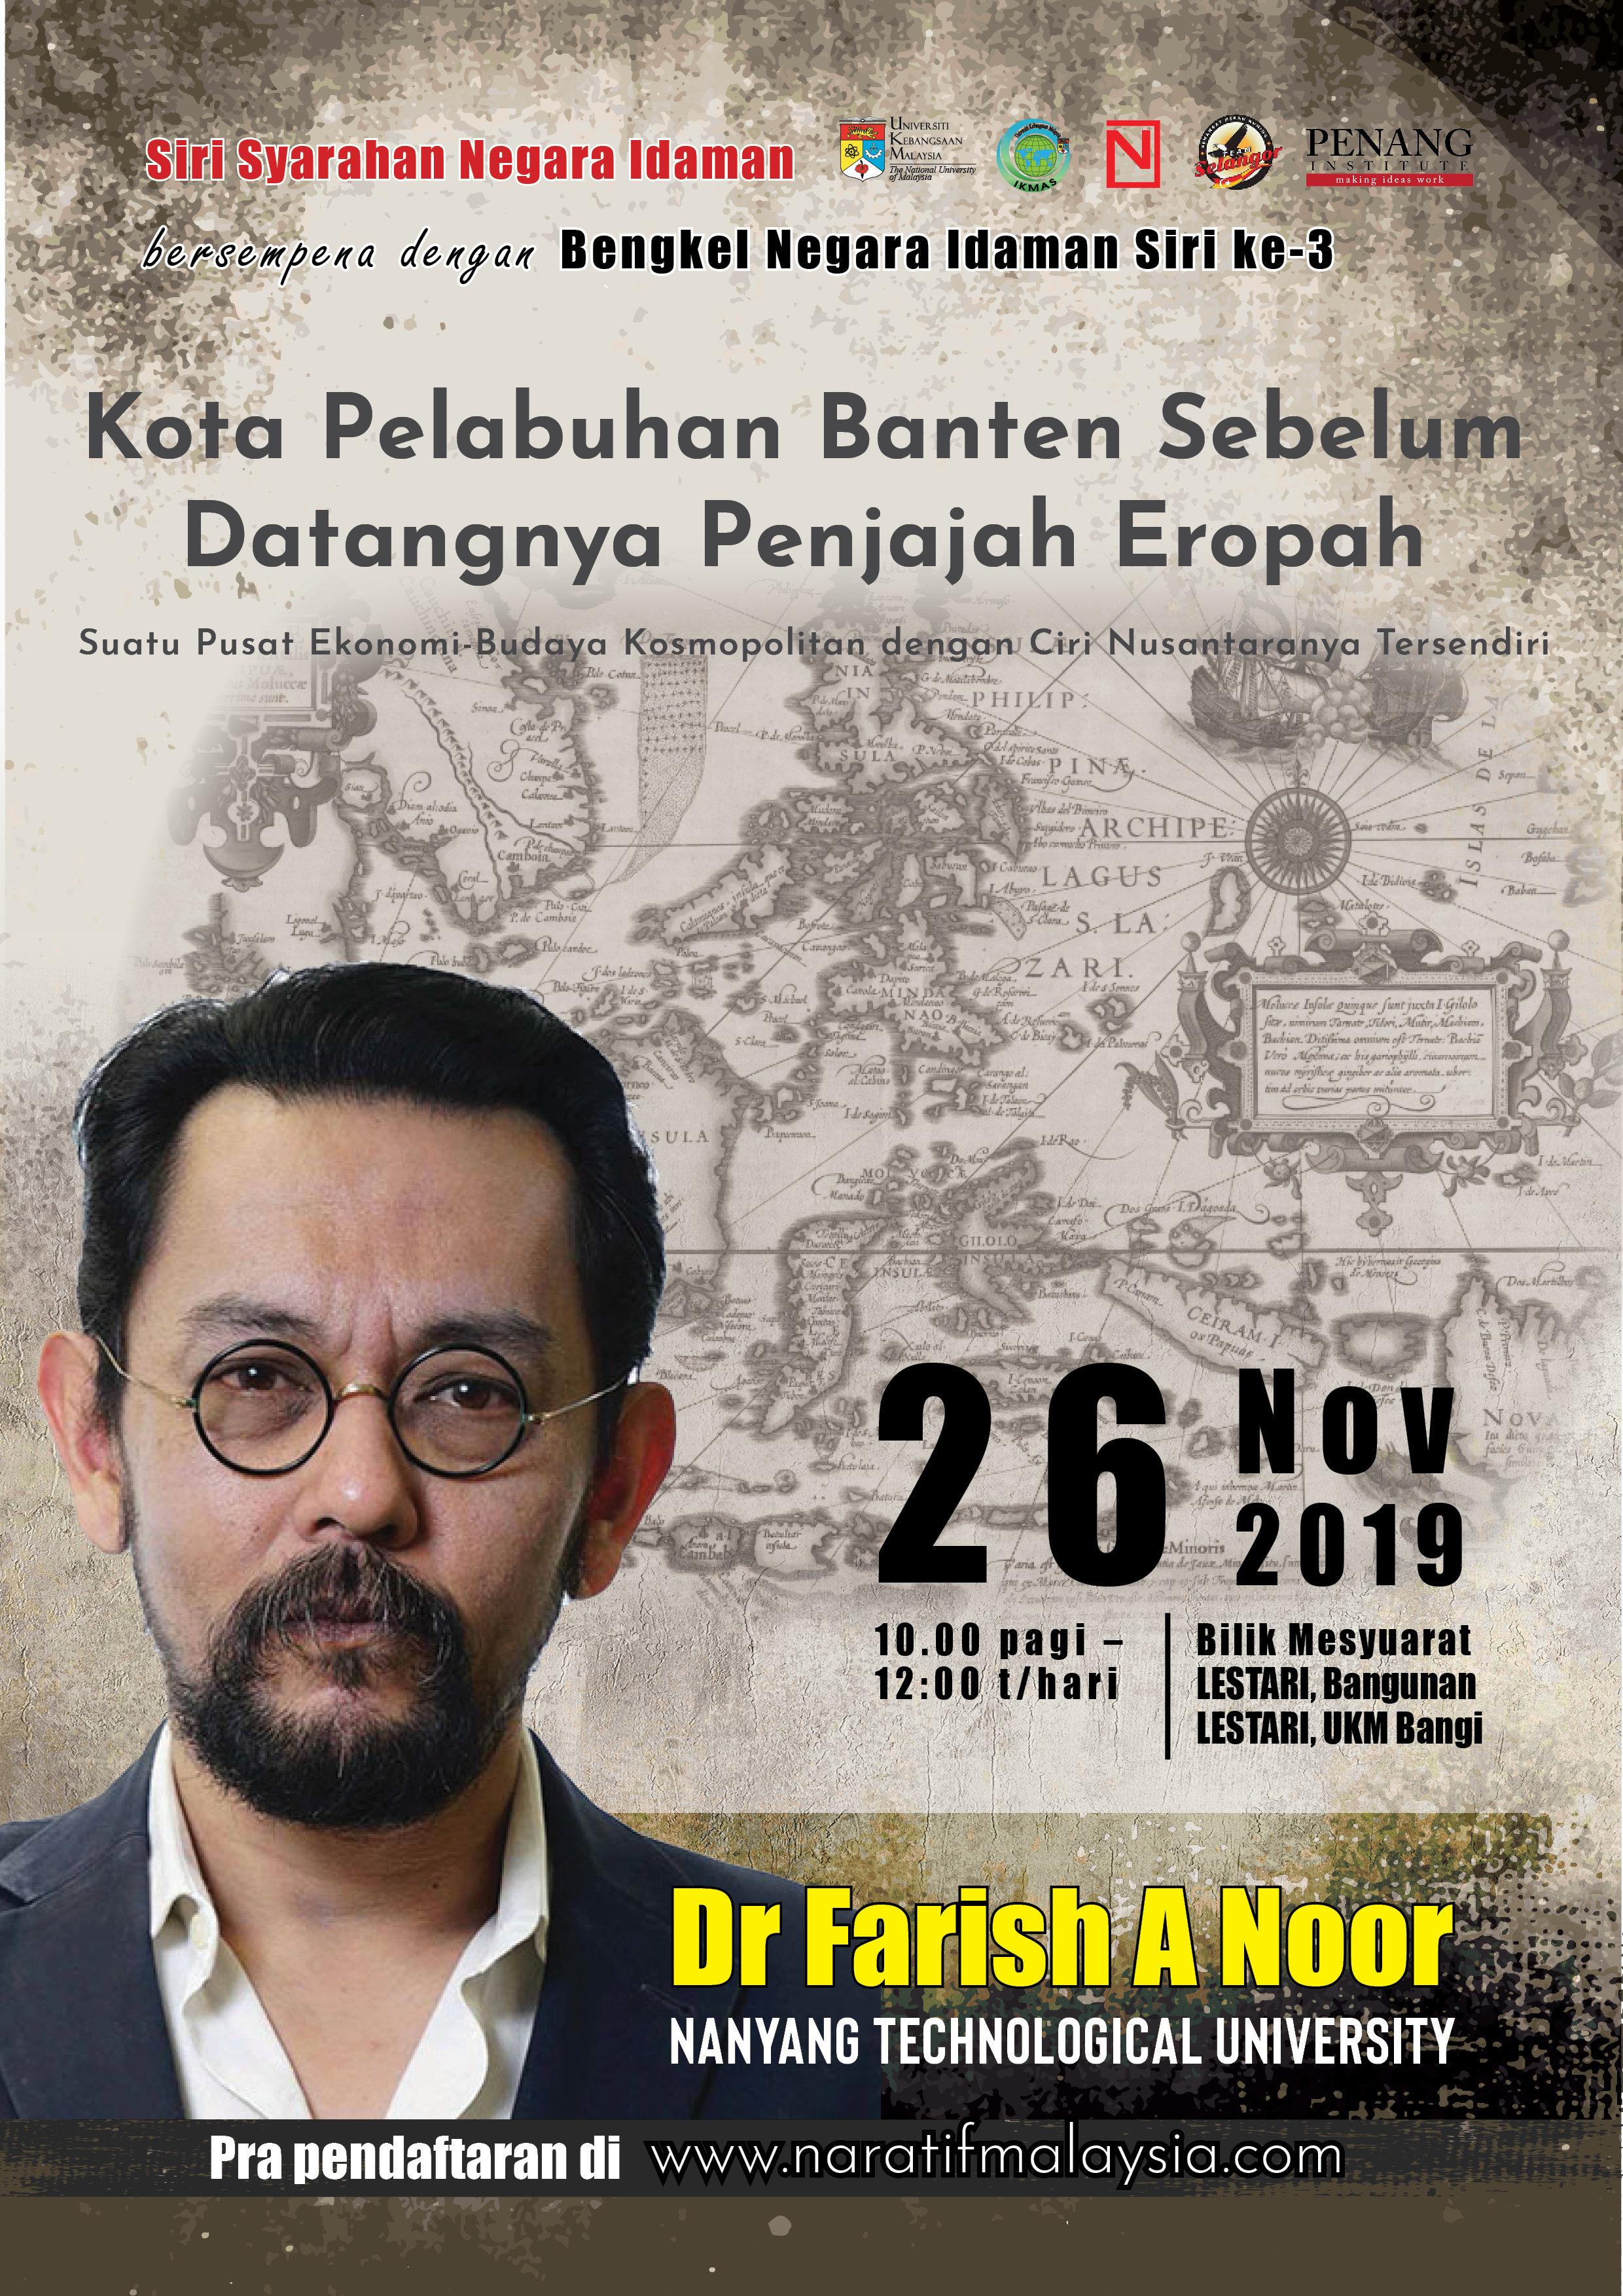 Poster_Farish